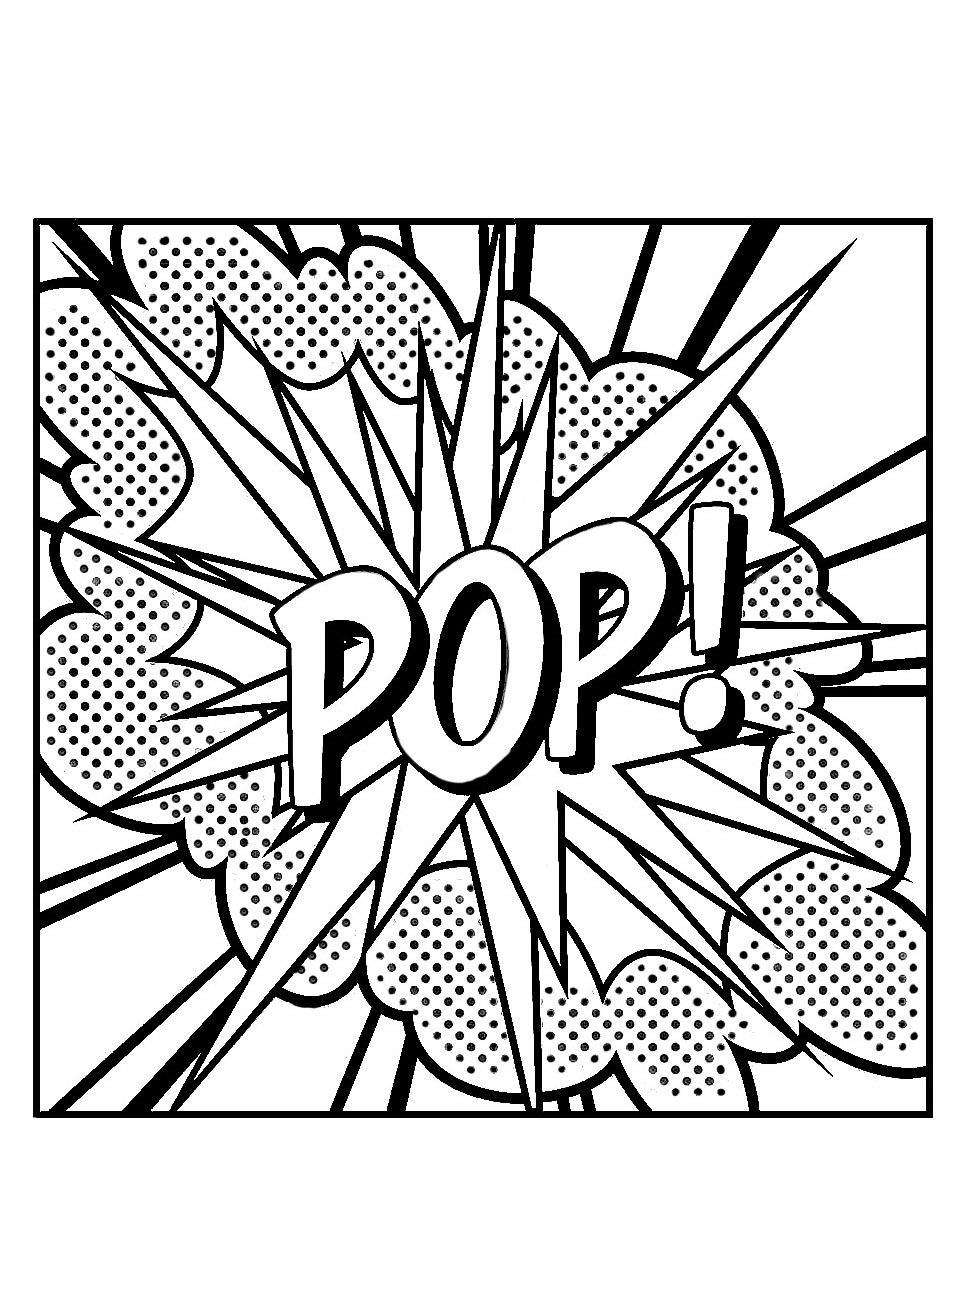 Colorear para adultos Pop art 20 Arte pop para niños